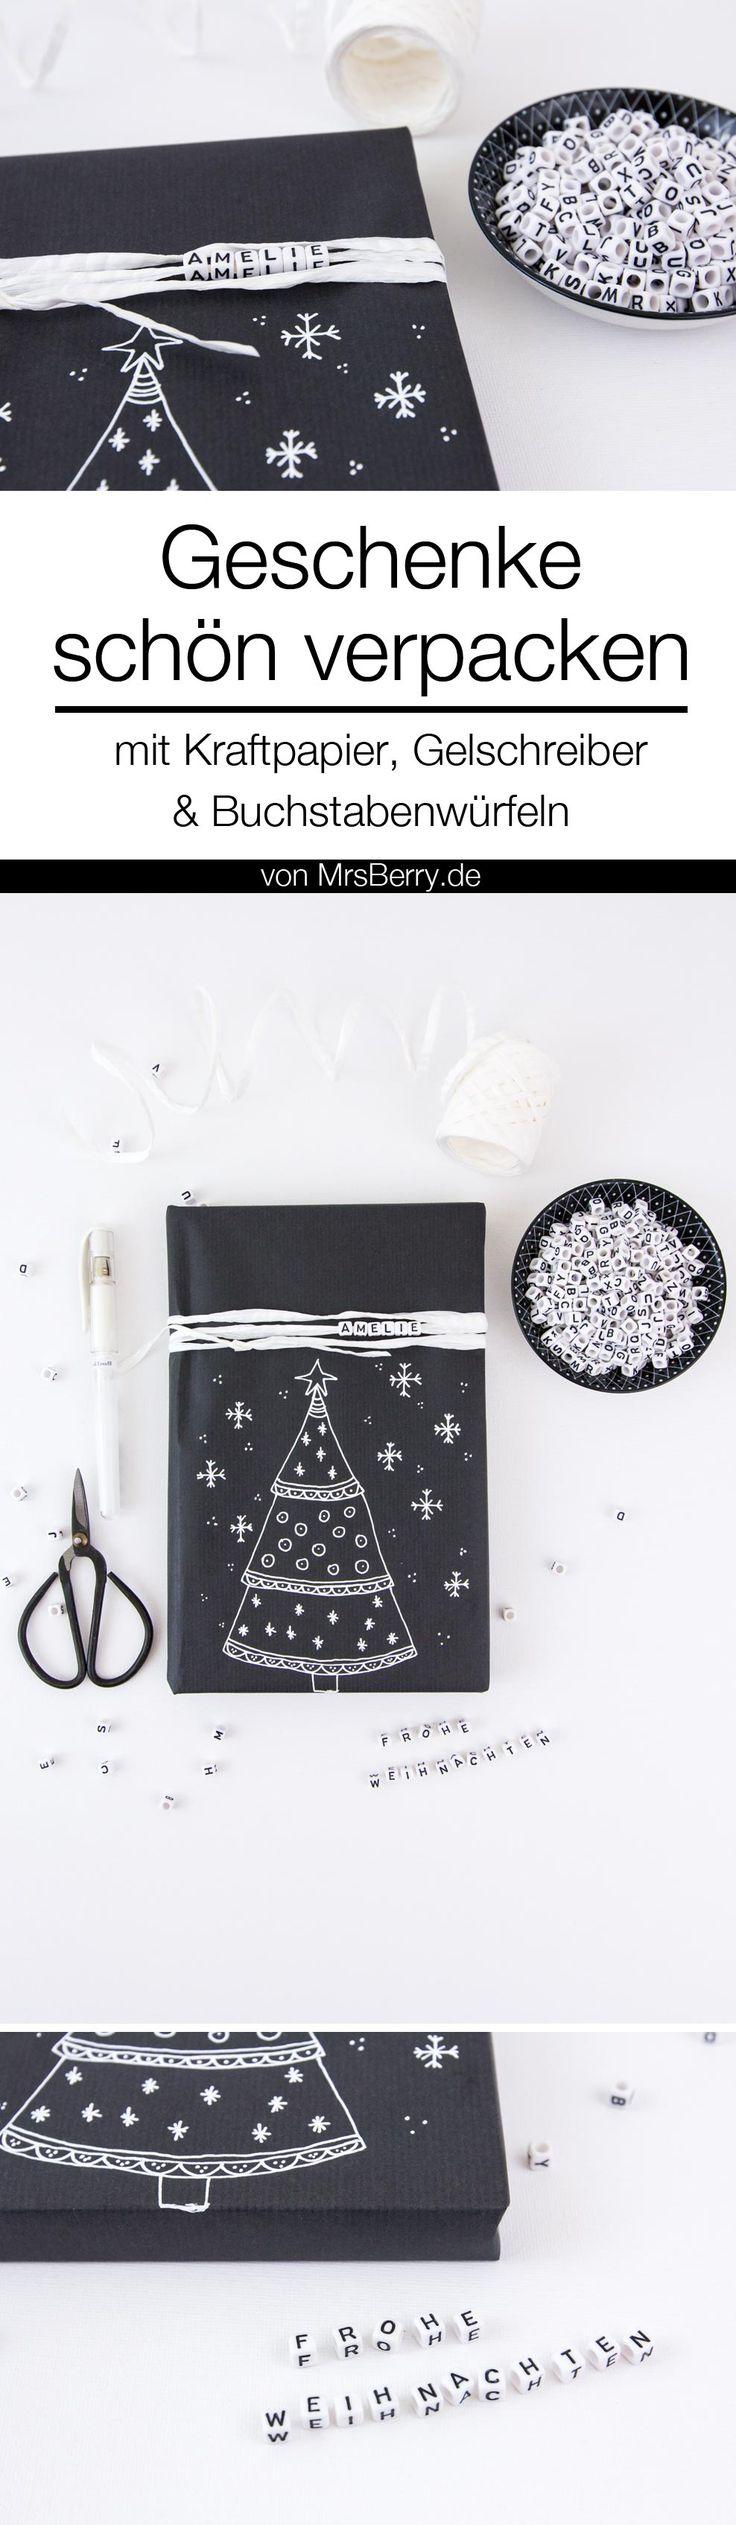 DIY-Anleitung: Geschenke verpacken in Schwarz und Weiß mit Kraftpapier.  Diese und weiter DIY Ideen, um Geschenke kreativ zu verpacken gibt's auf MrsBerry.de